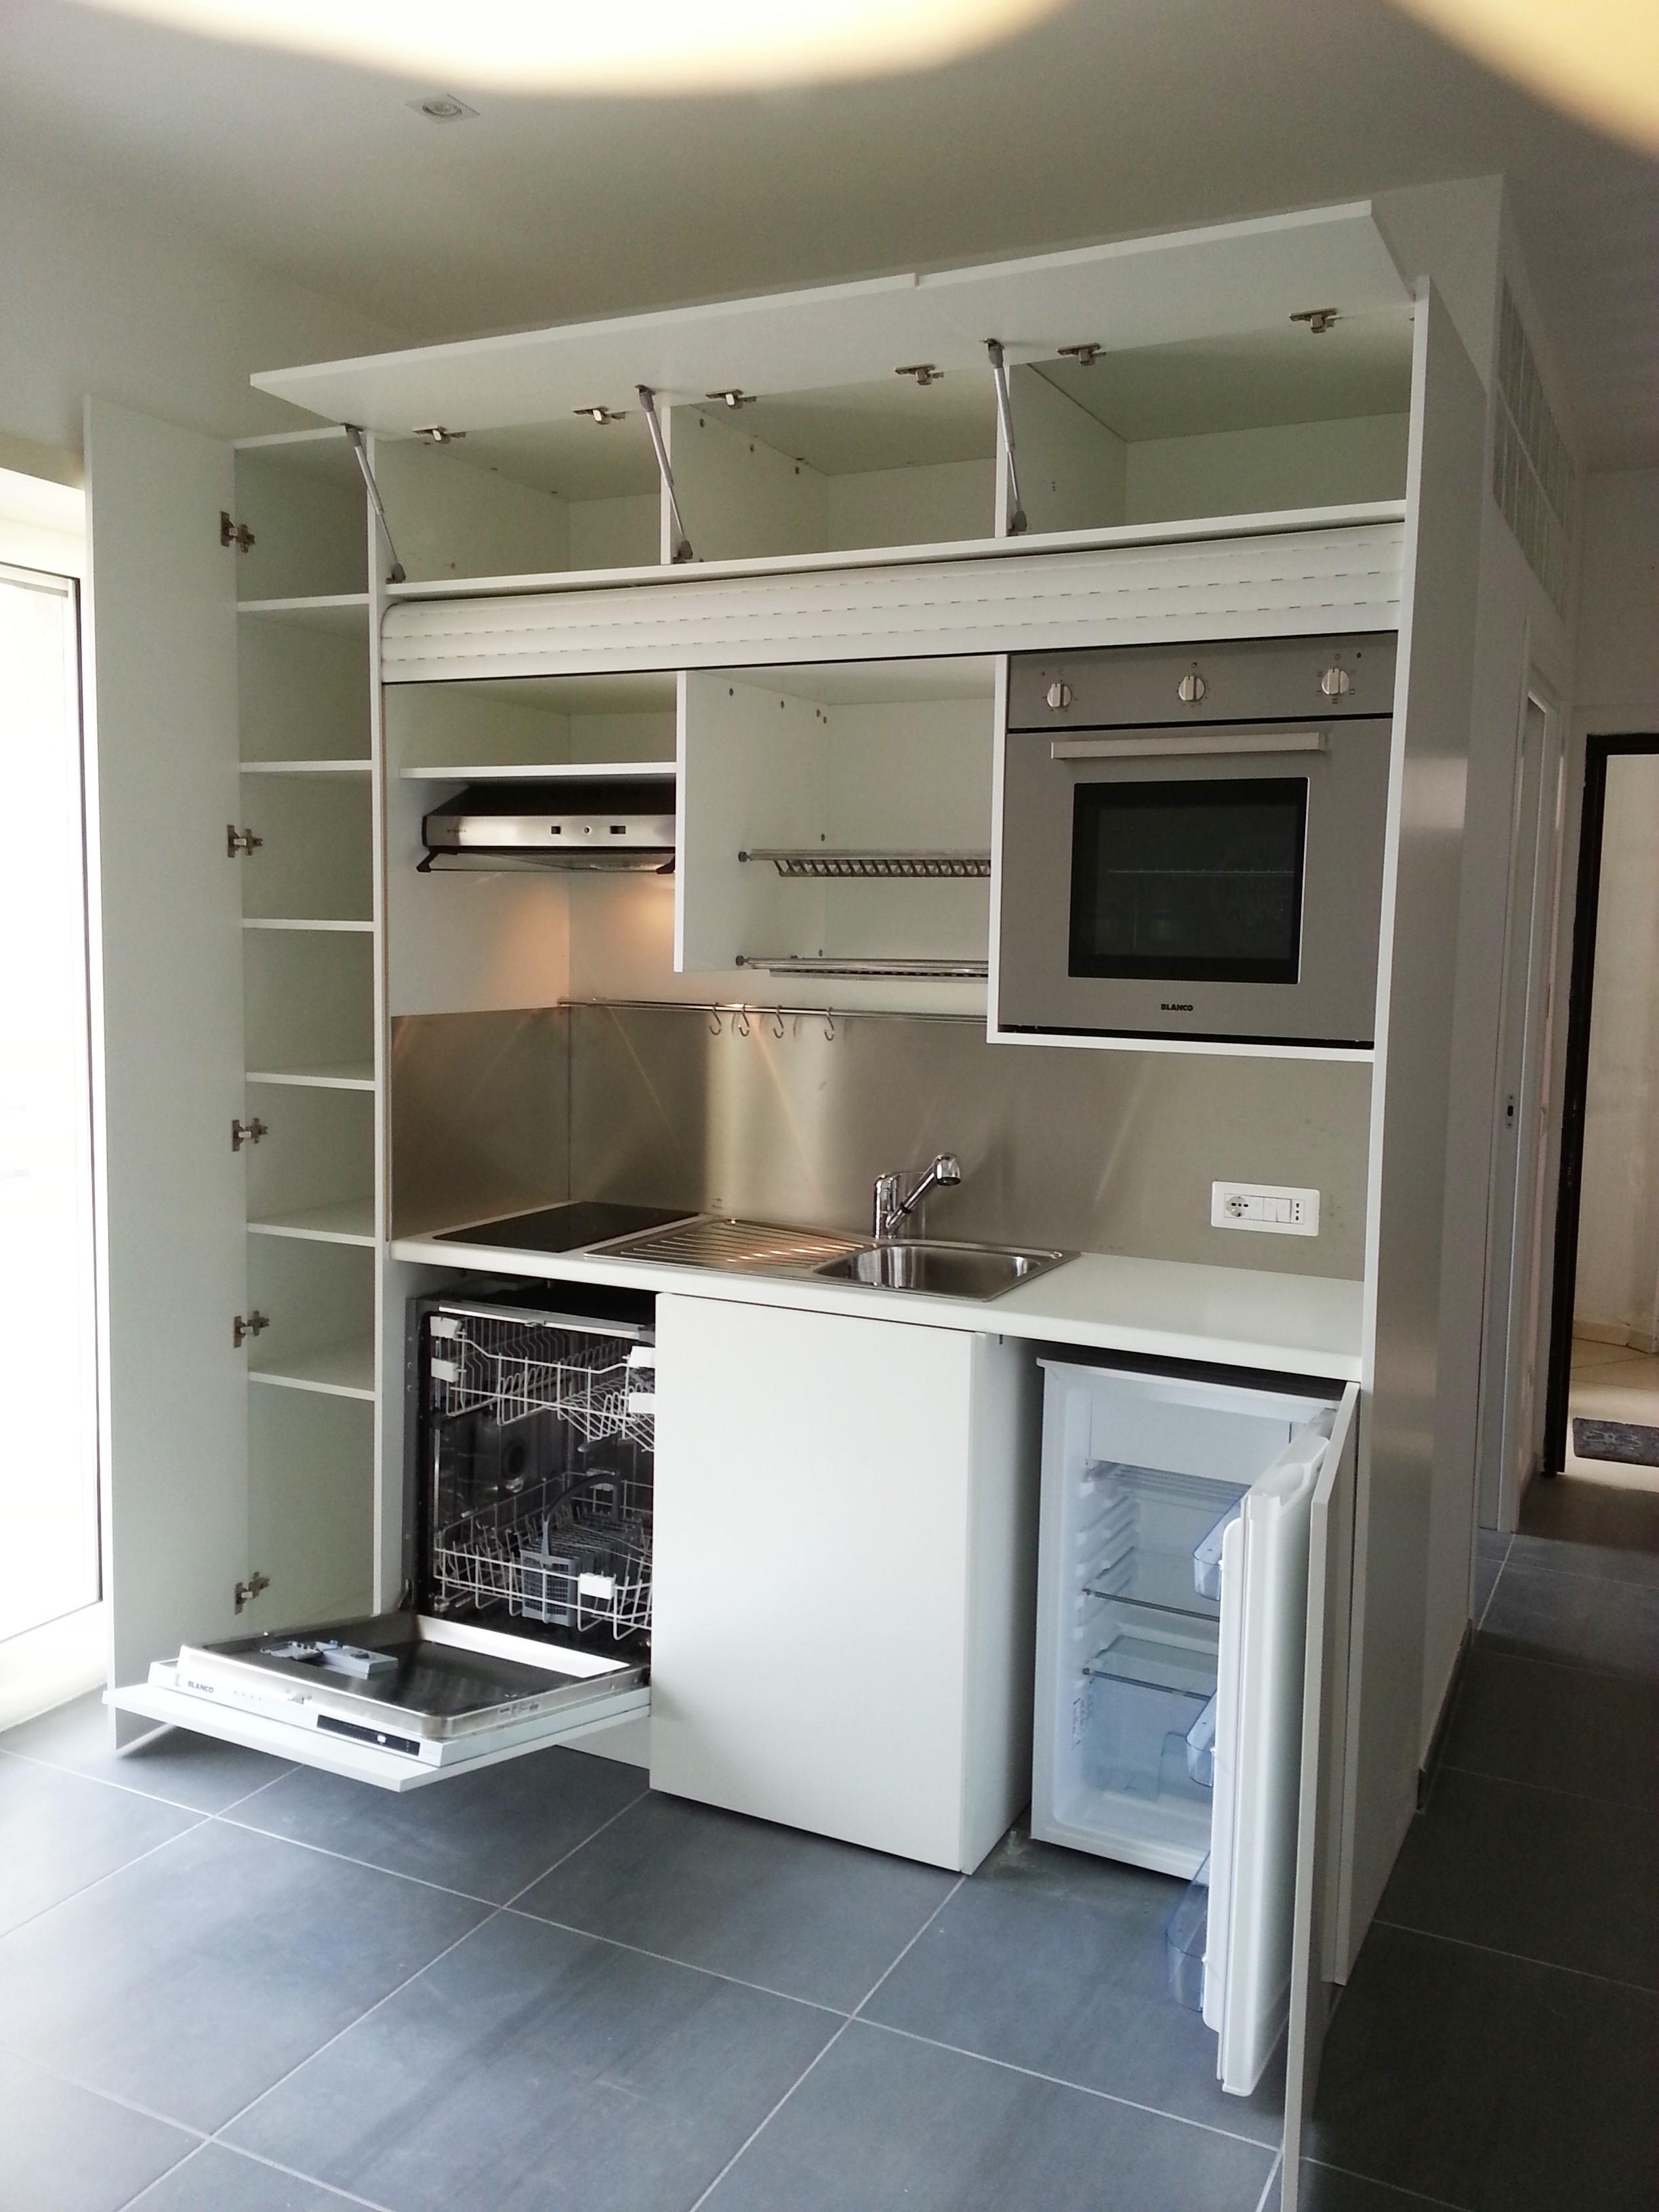 Cucina compact art 246 archivi vivilospazio mobili - Lavatrice in cucina ...